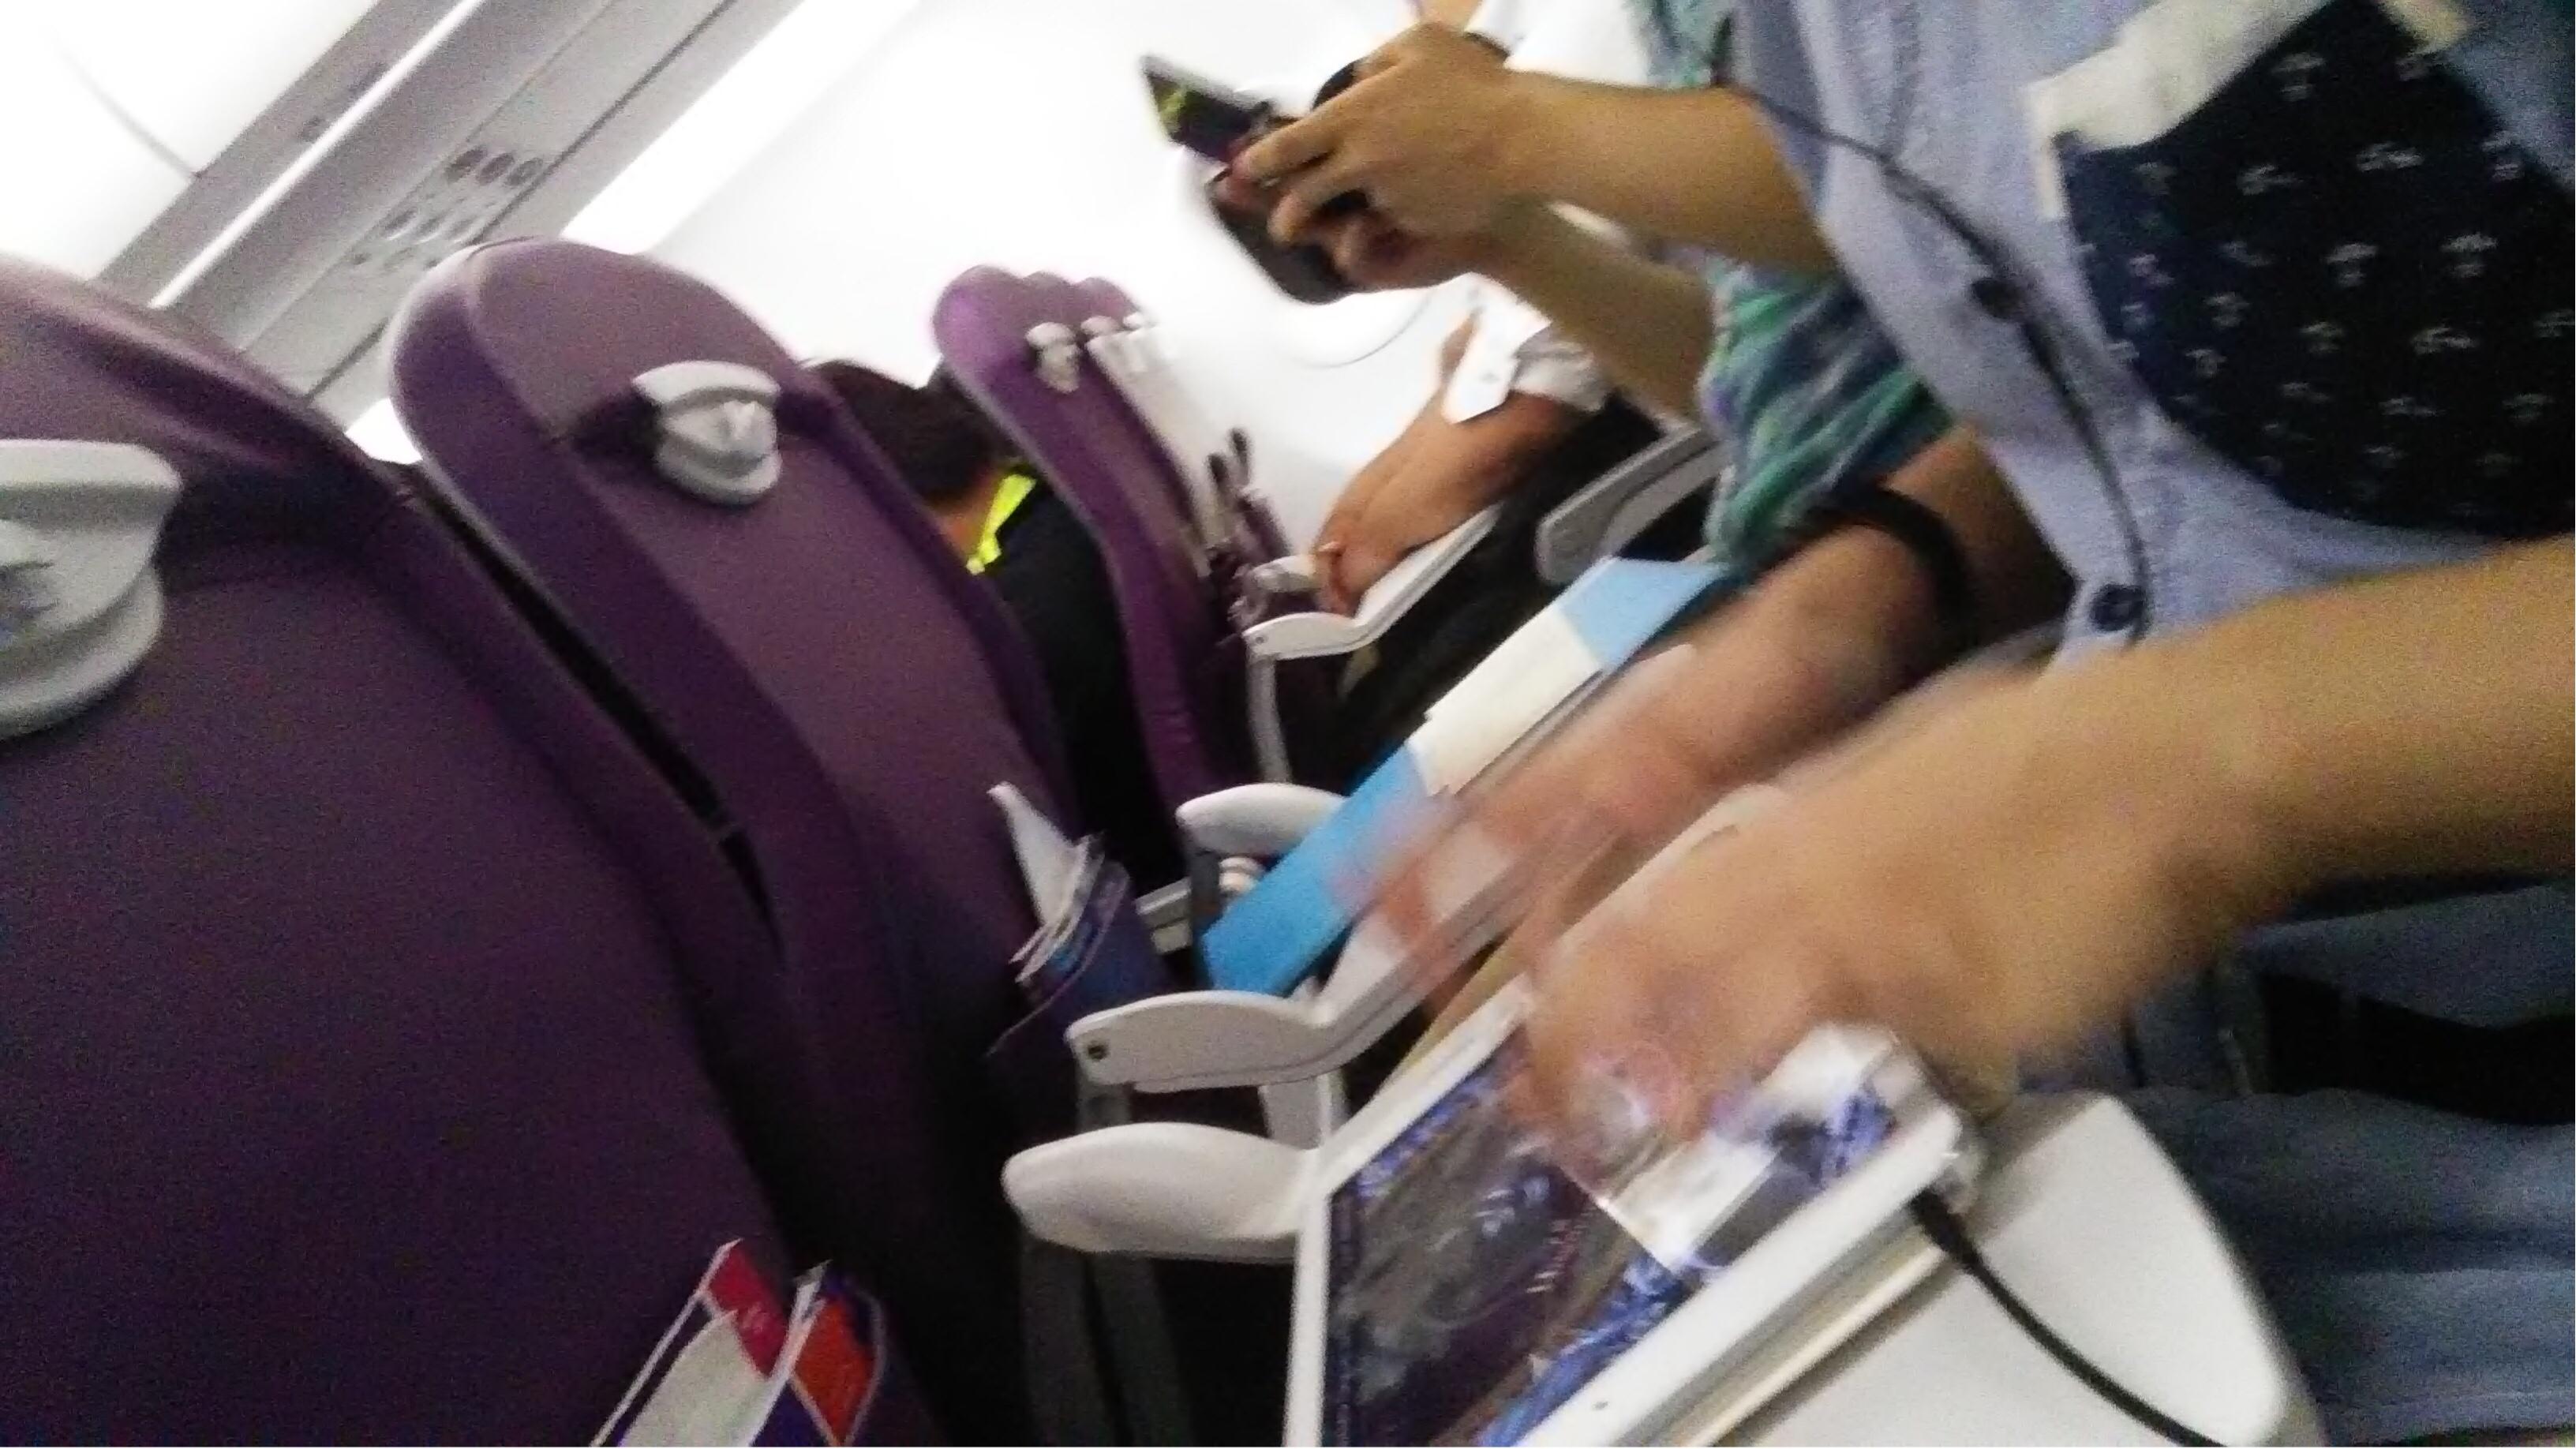 给大家介绍一下同行人士,敲着iPad的是Dora(我的一个在音乐游戏群认识回来的香港人,现在几乎是我好友了),在打3DS的是囧爷(专业钻研3DS以及iOS,也是个音乐游戏玩家),至于我妹就坐了在后面...看书